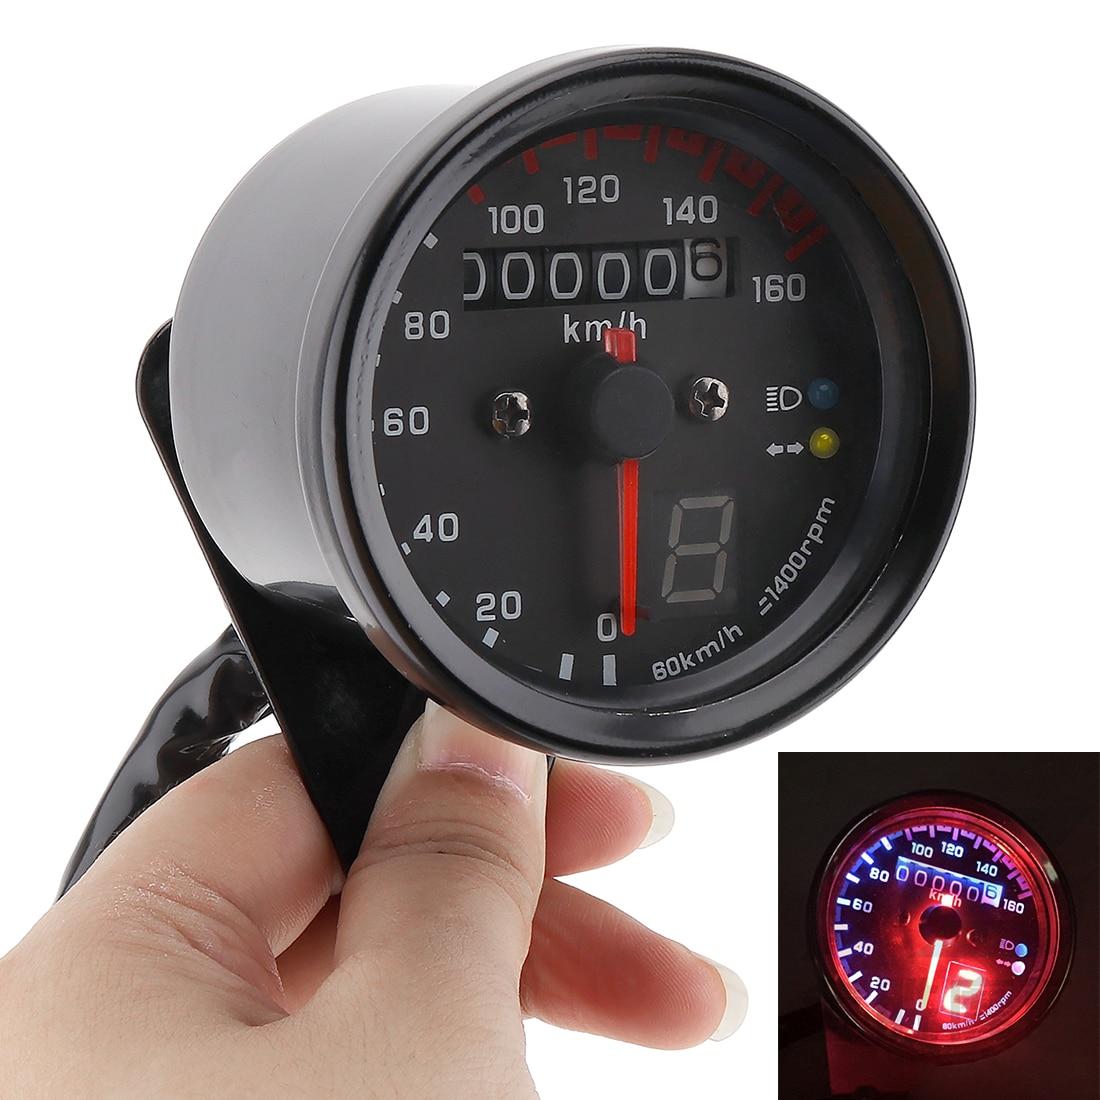 Motocicleta Cafe Racer velocímetro cuentakilómetros de 0-160 km/h instrumento con indicador LED